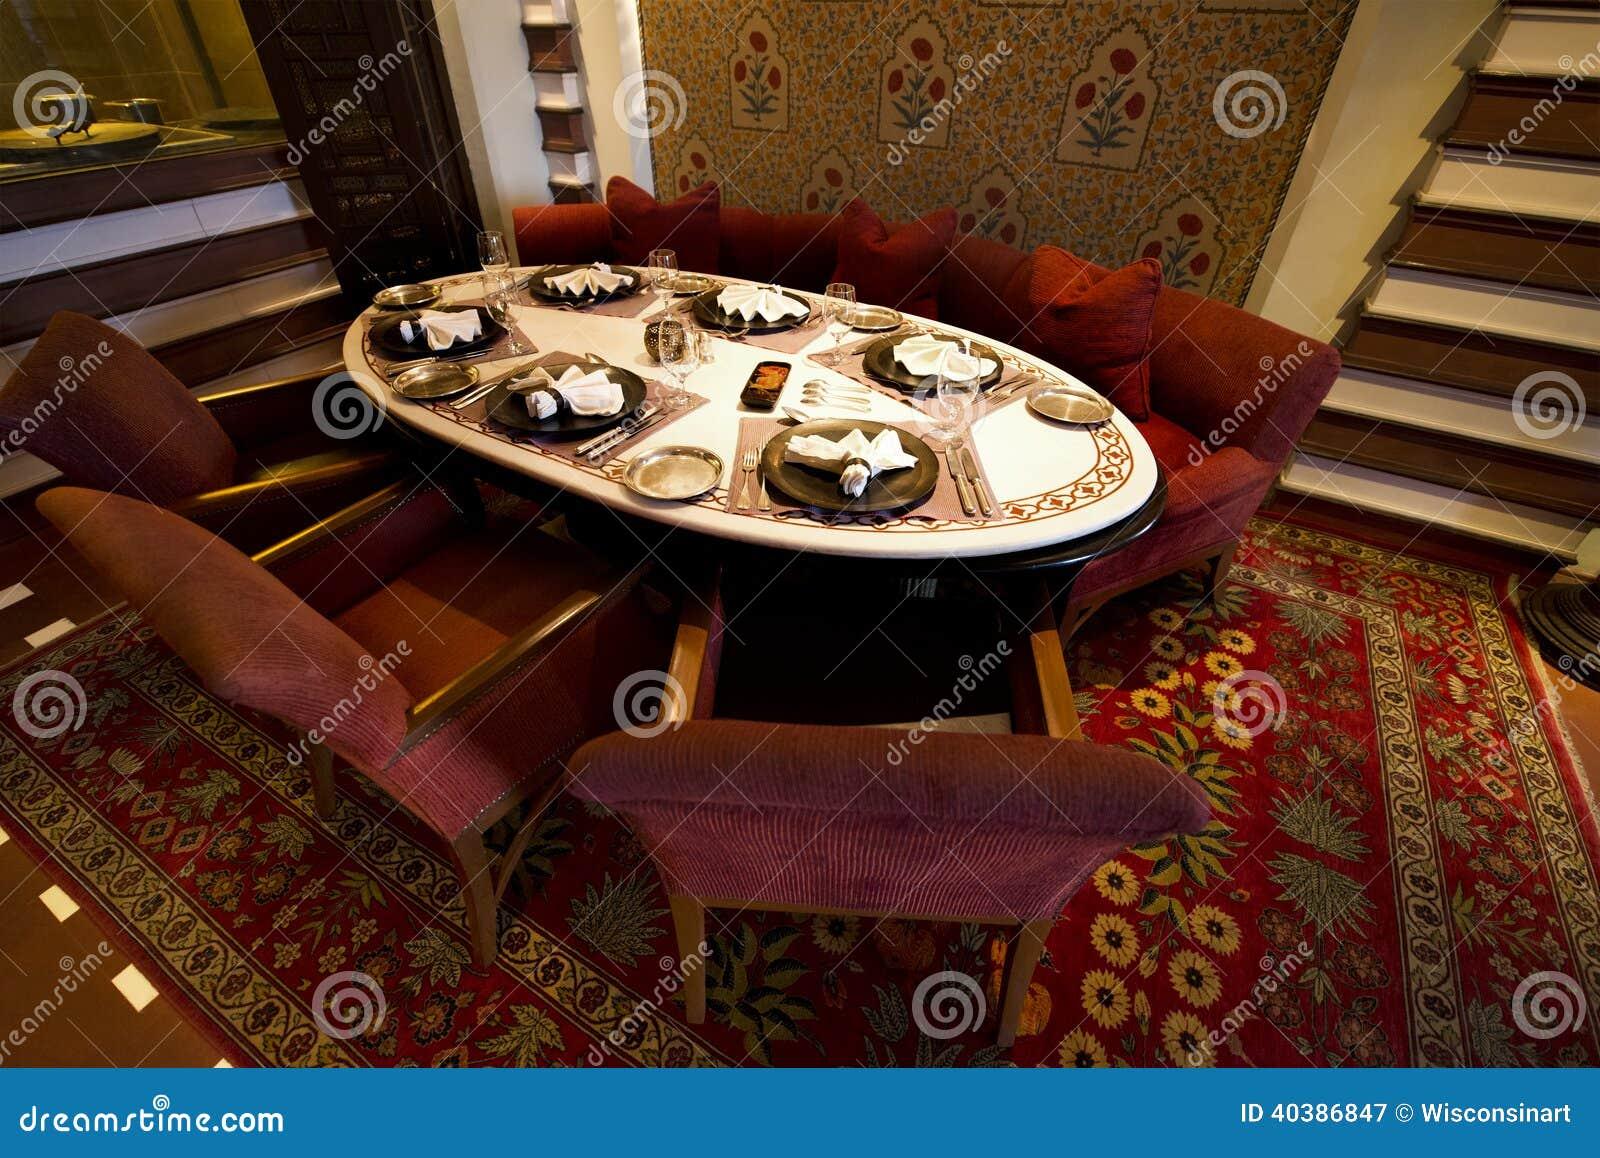 Fancy Restaurant Table in a Luxury Resort Hotel